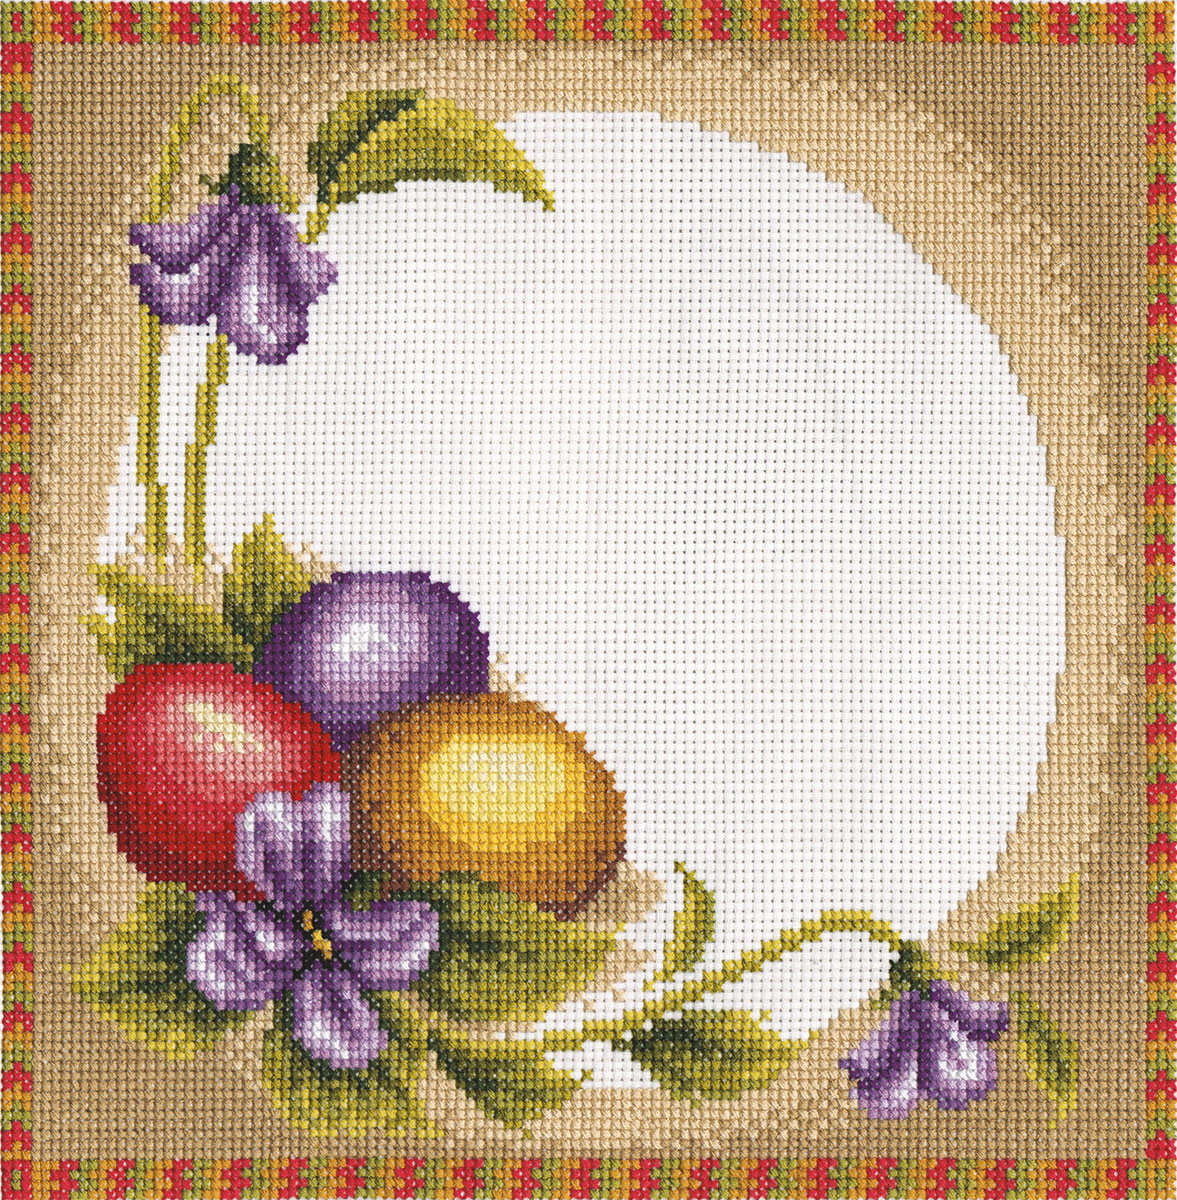 Вышивки крестом пасхальных салфеток